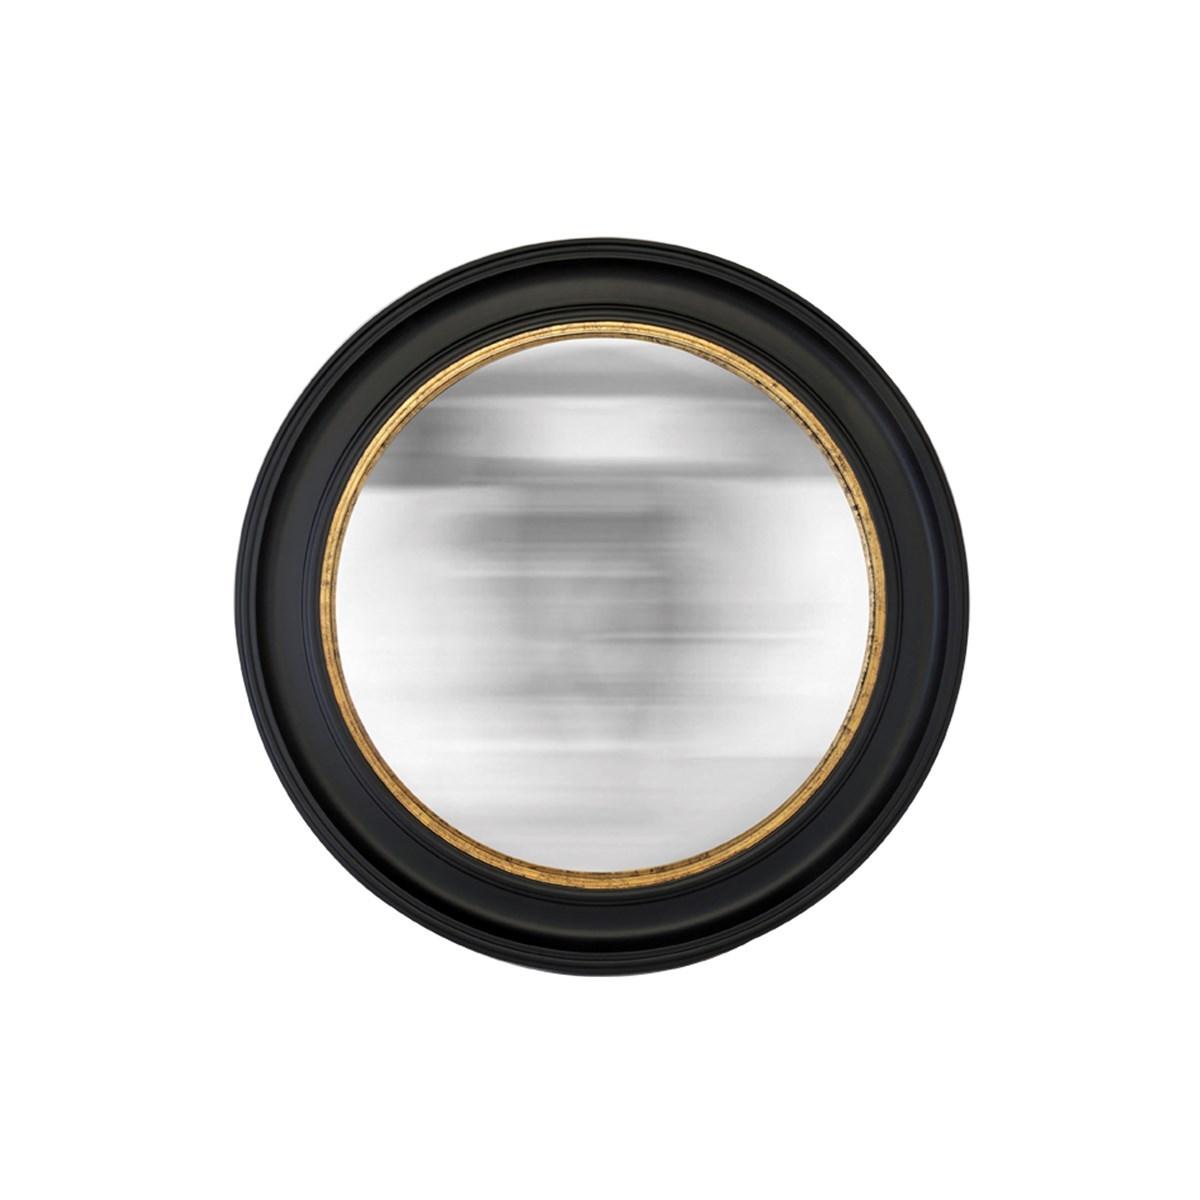 Miroir rond noir convexe en résine D : 80 cm